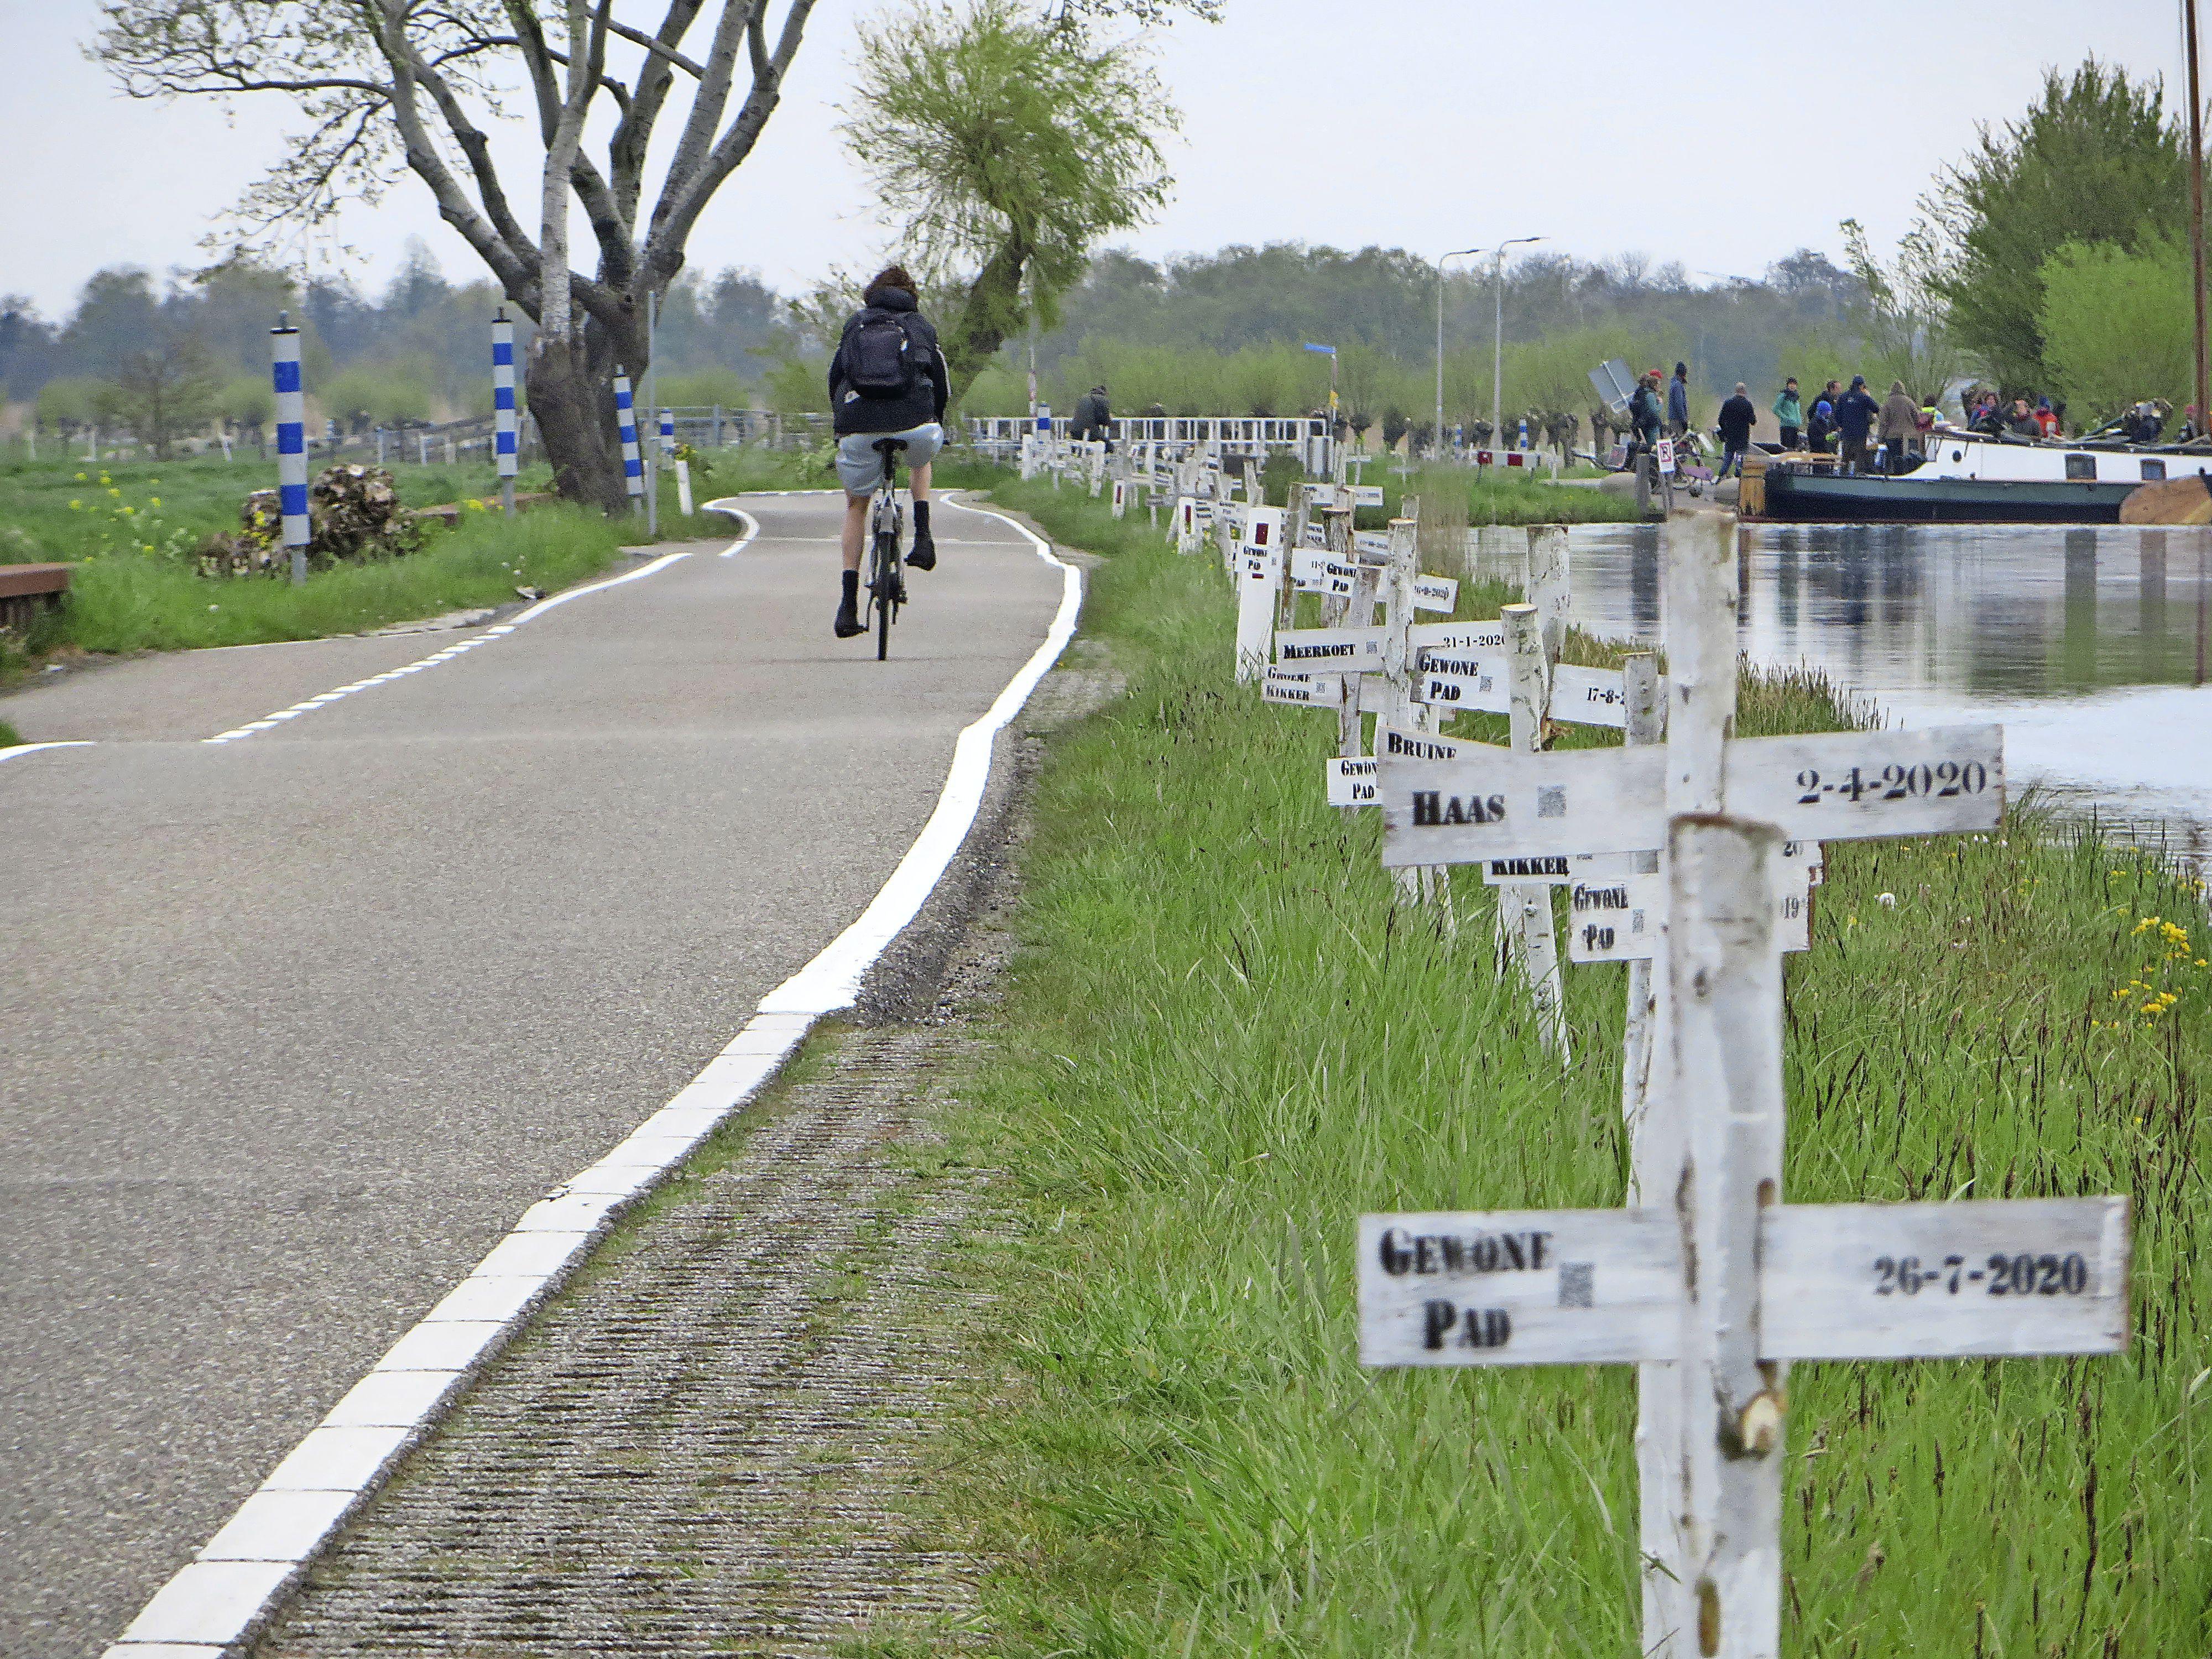 Protestactie met 642 kruisen, aandacht voor doodgereden dieren op de Ziendeweg in Aarlanderveen: 'Liever geen fietspad hier, dan ontstaat een dubbele rijbaan waar dieren overheen moeten'